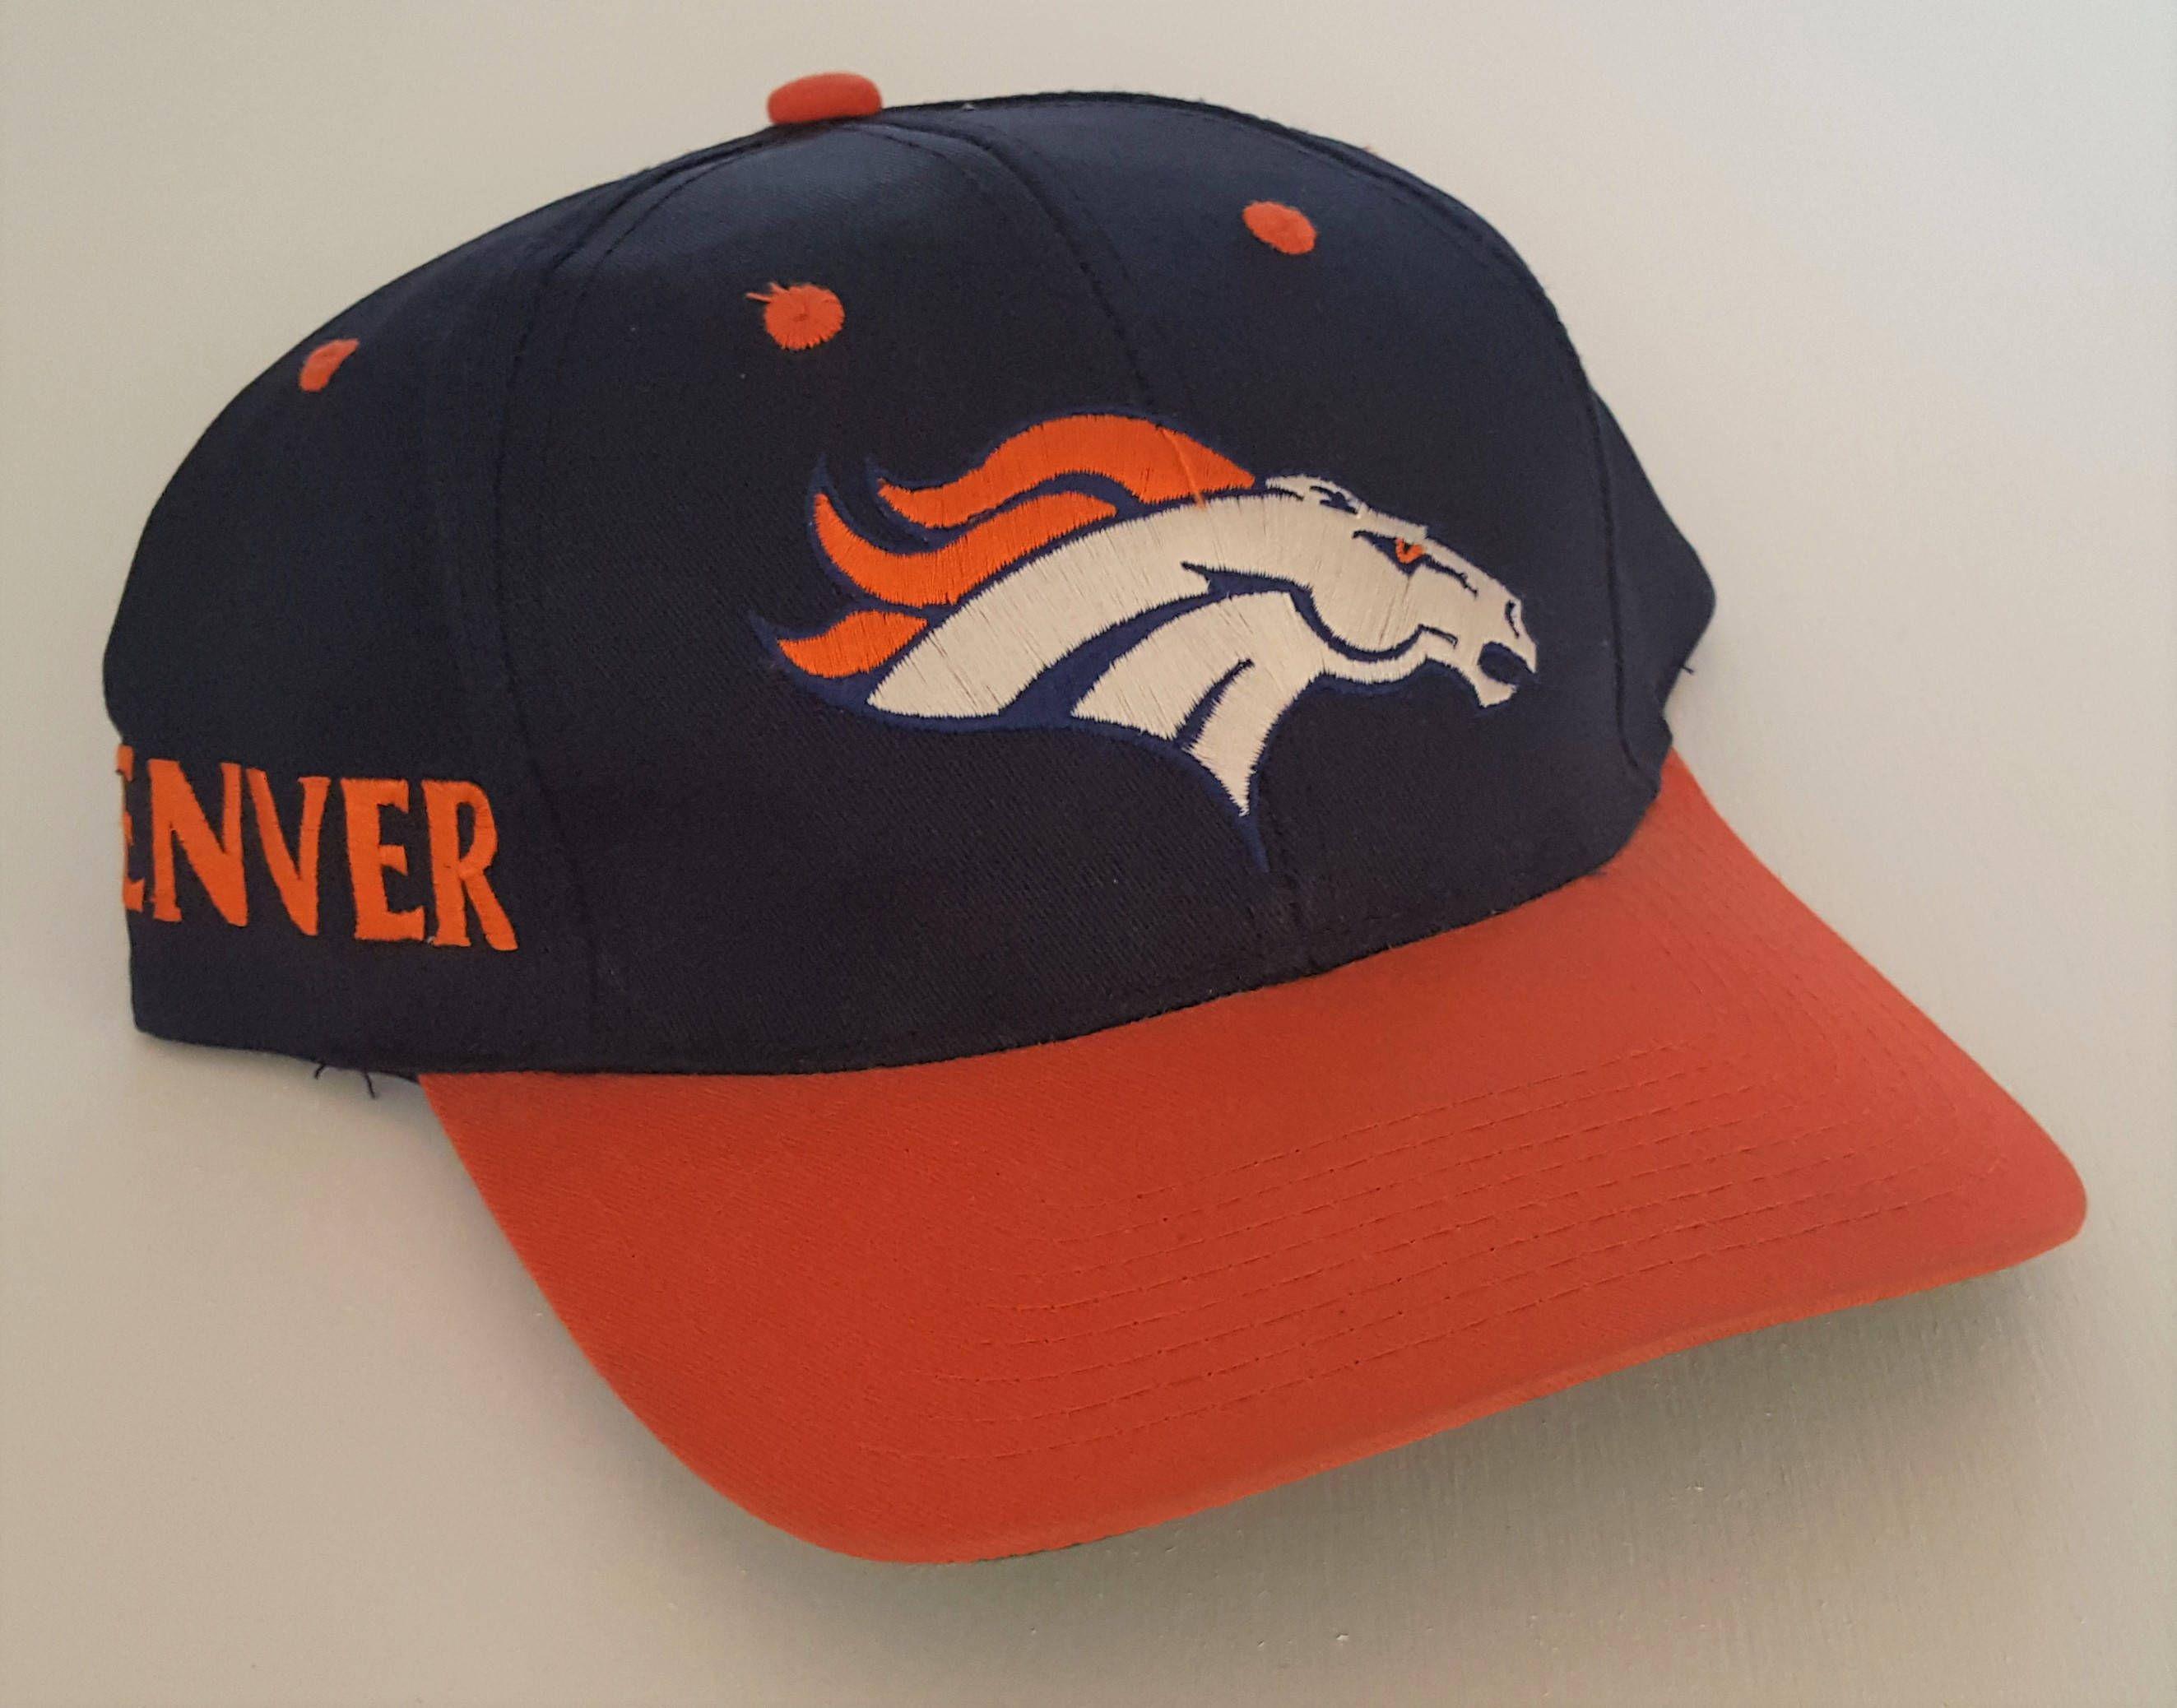 29c503386d399f Vintage Denver Broncos Twins Snapback Hat NFL Snap VTG by  StreetwearAndVintage on Etsy